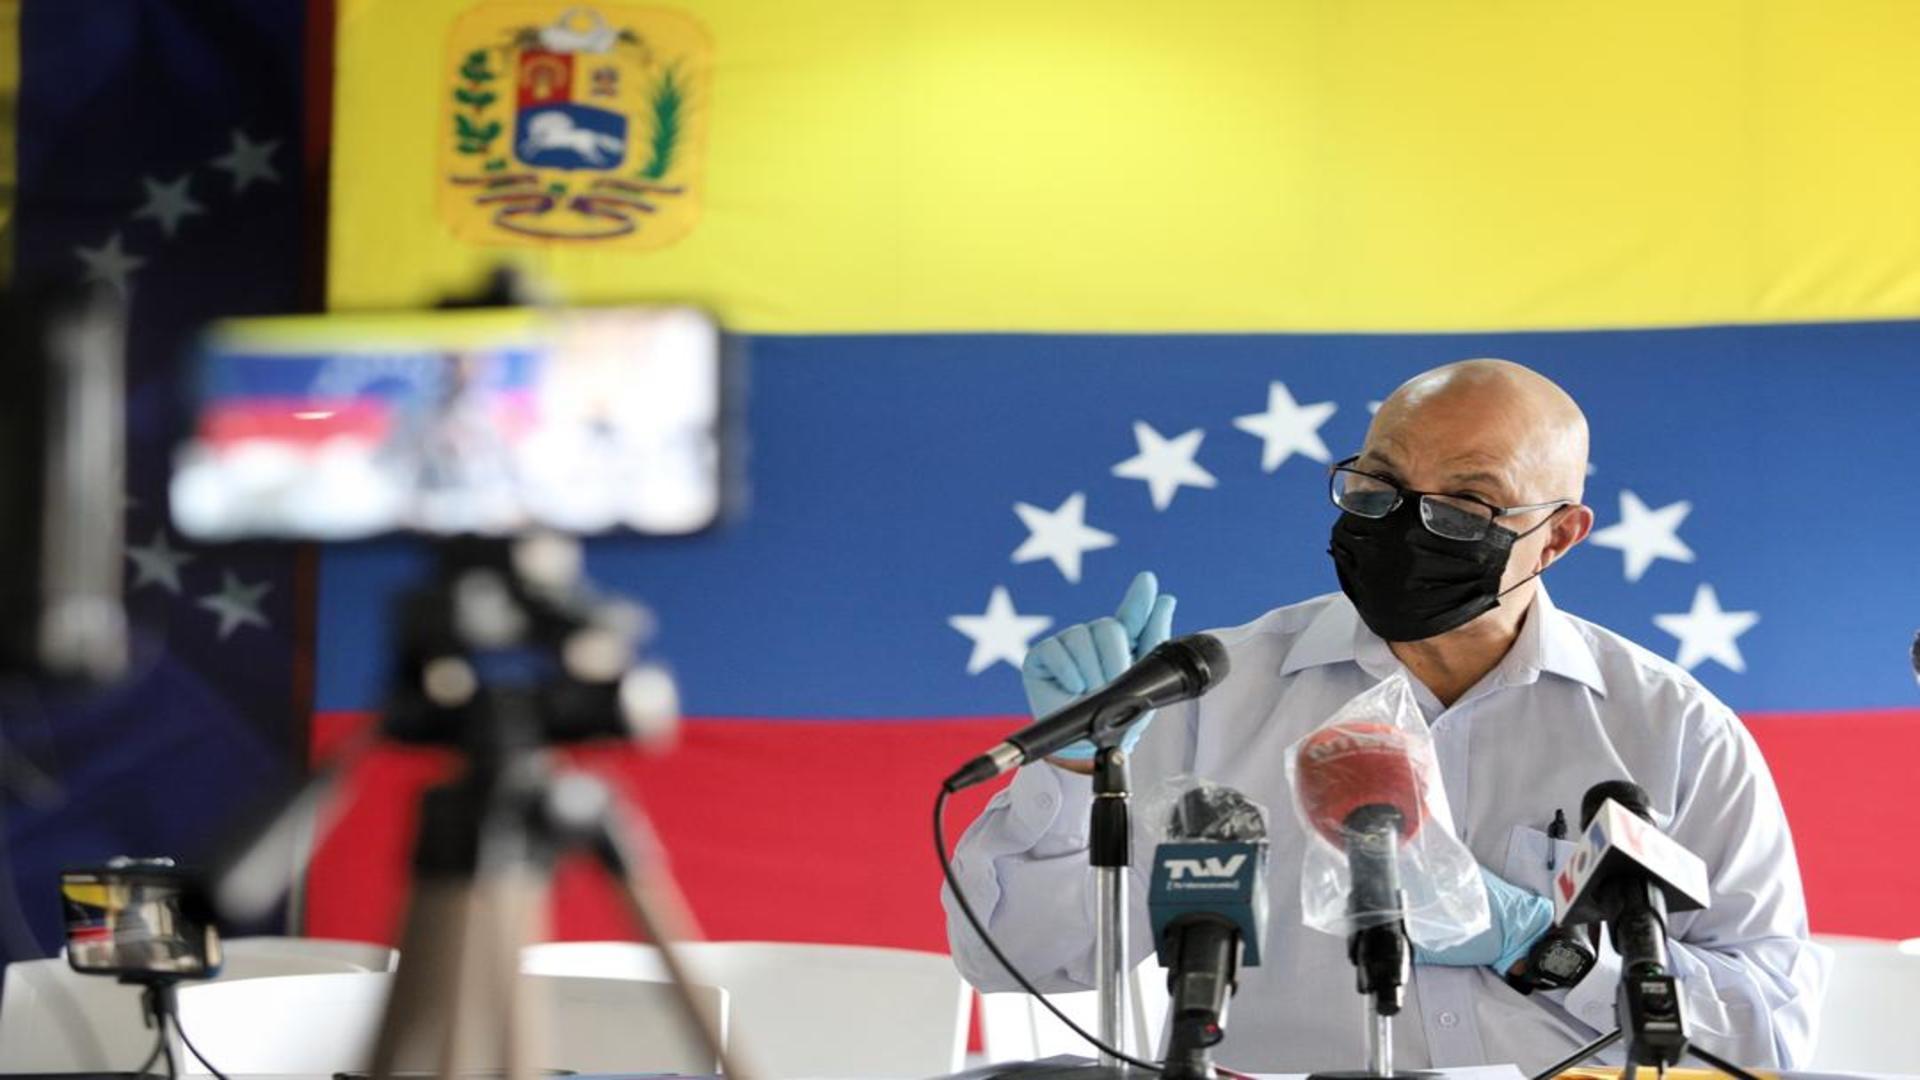 Humberto Prado pide medidas para presos ante Covid-19